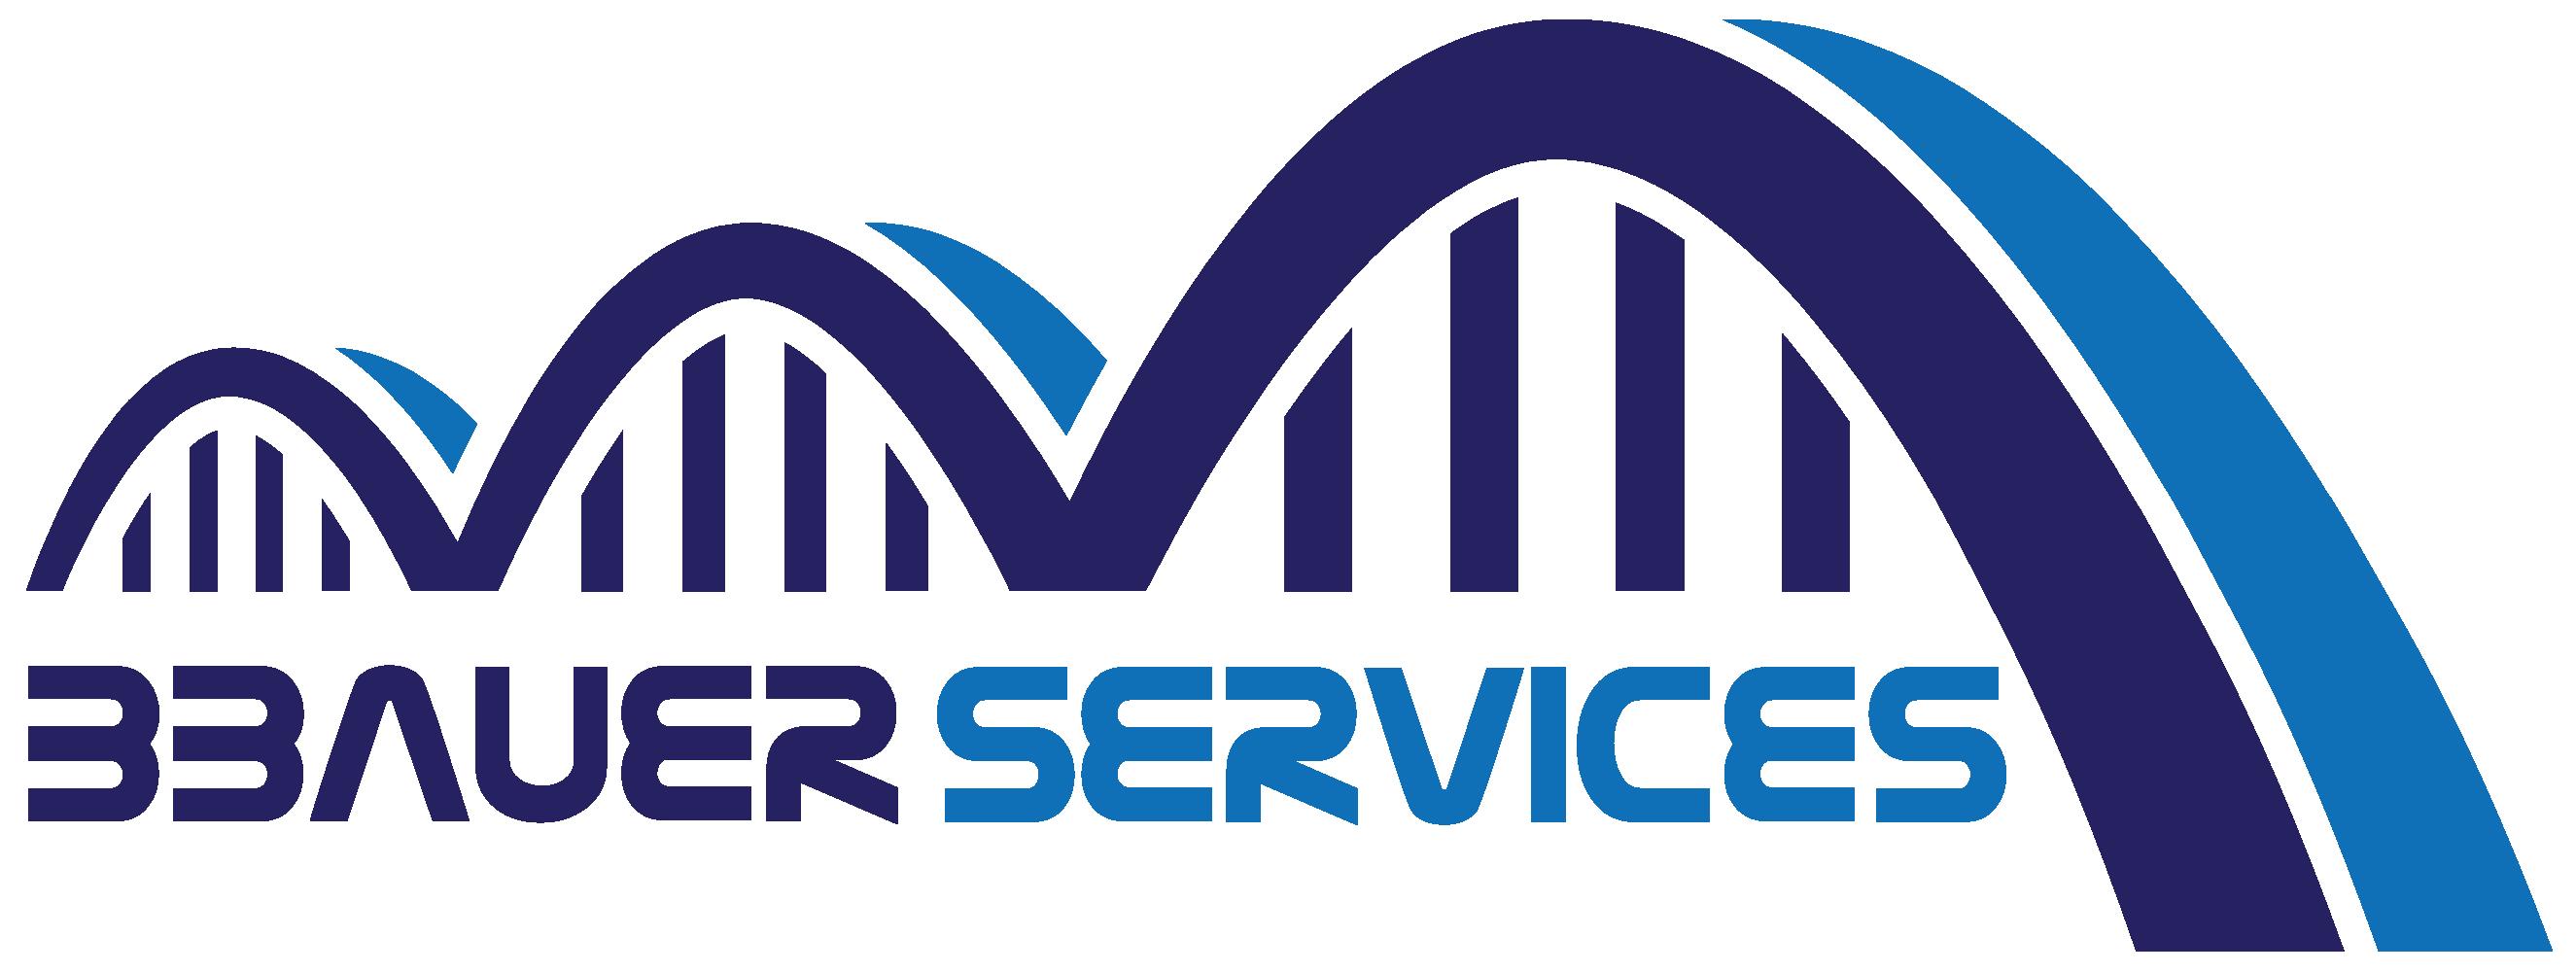 BBauer Services